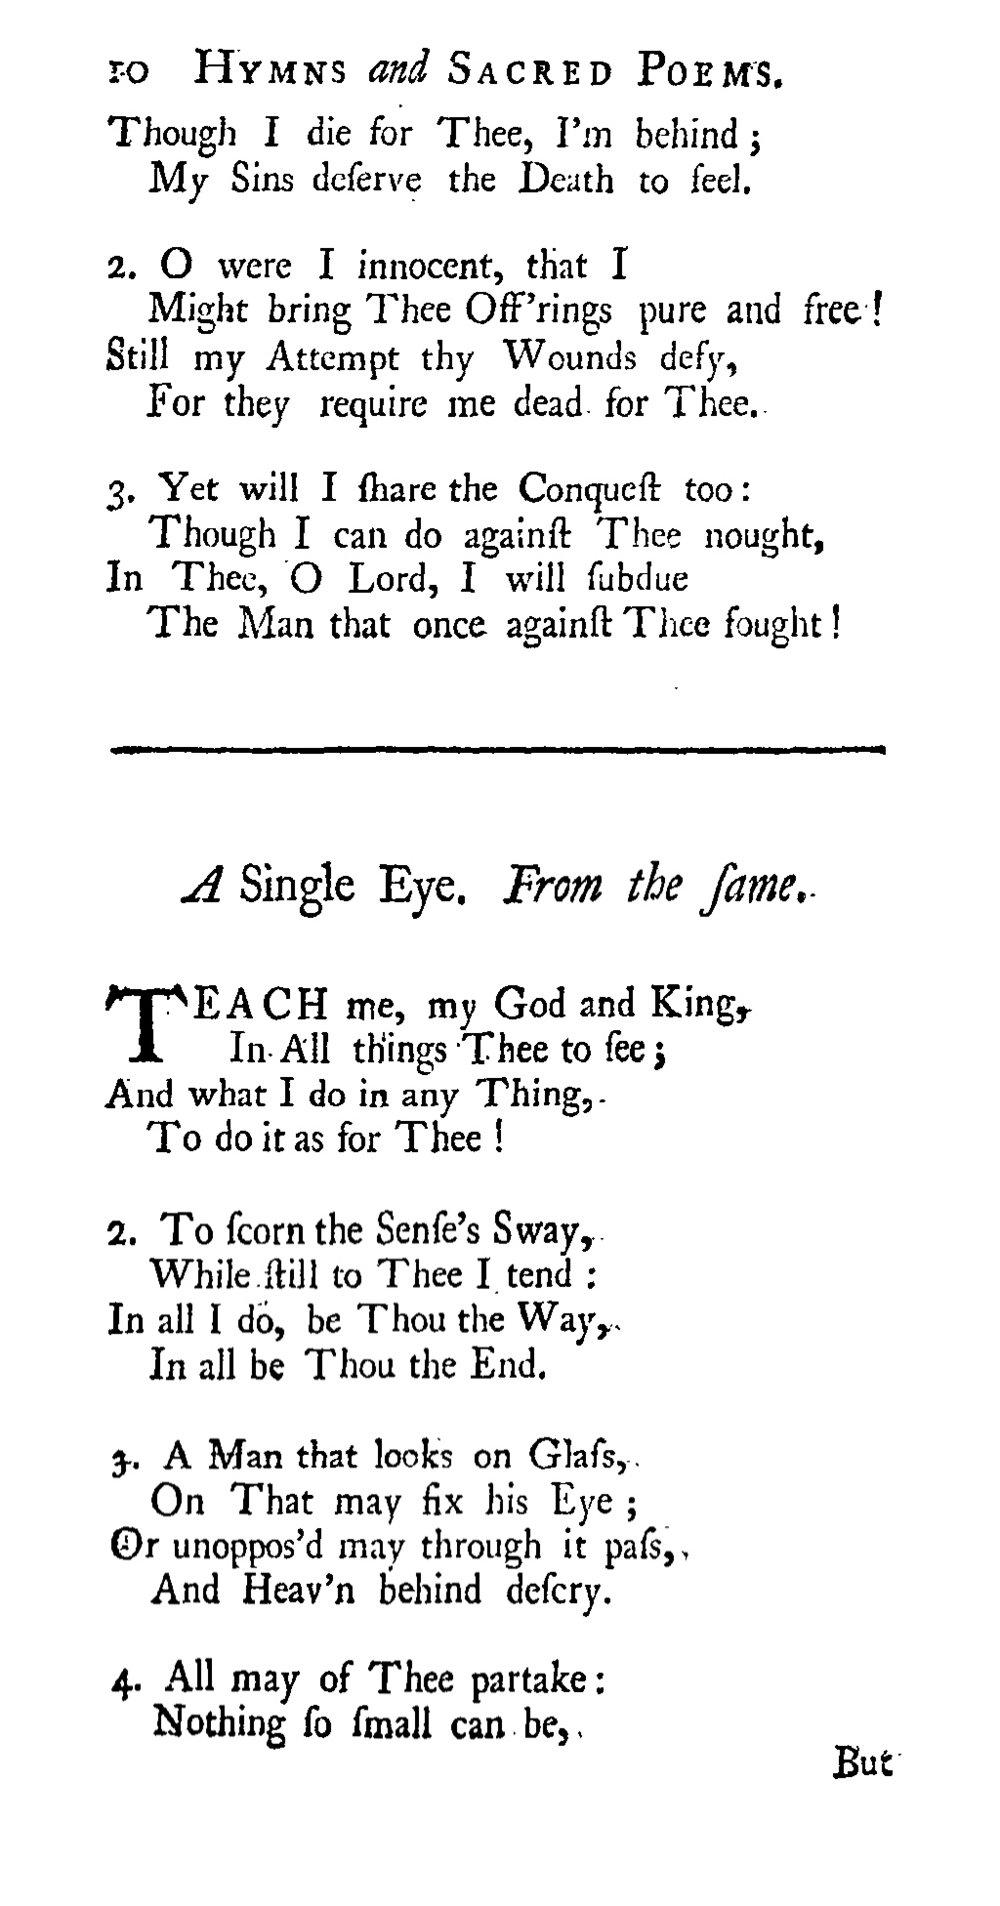 1739-HymnsSacredPoems-2ndEd-17.jpg